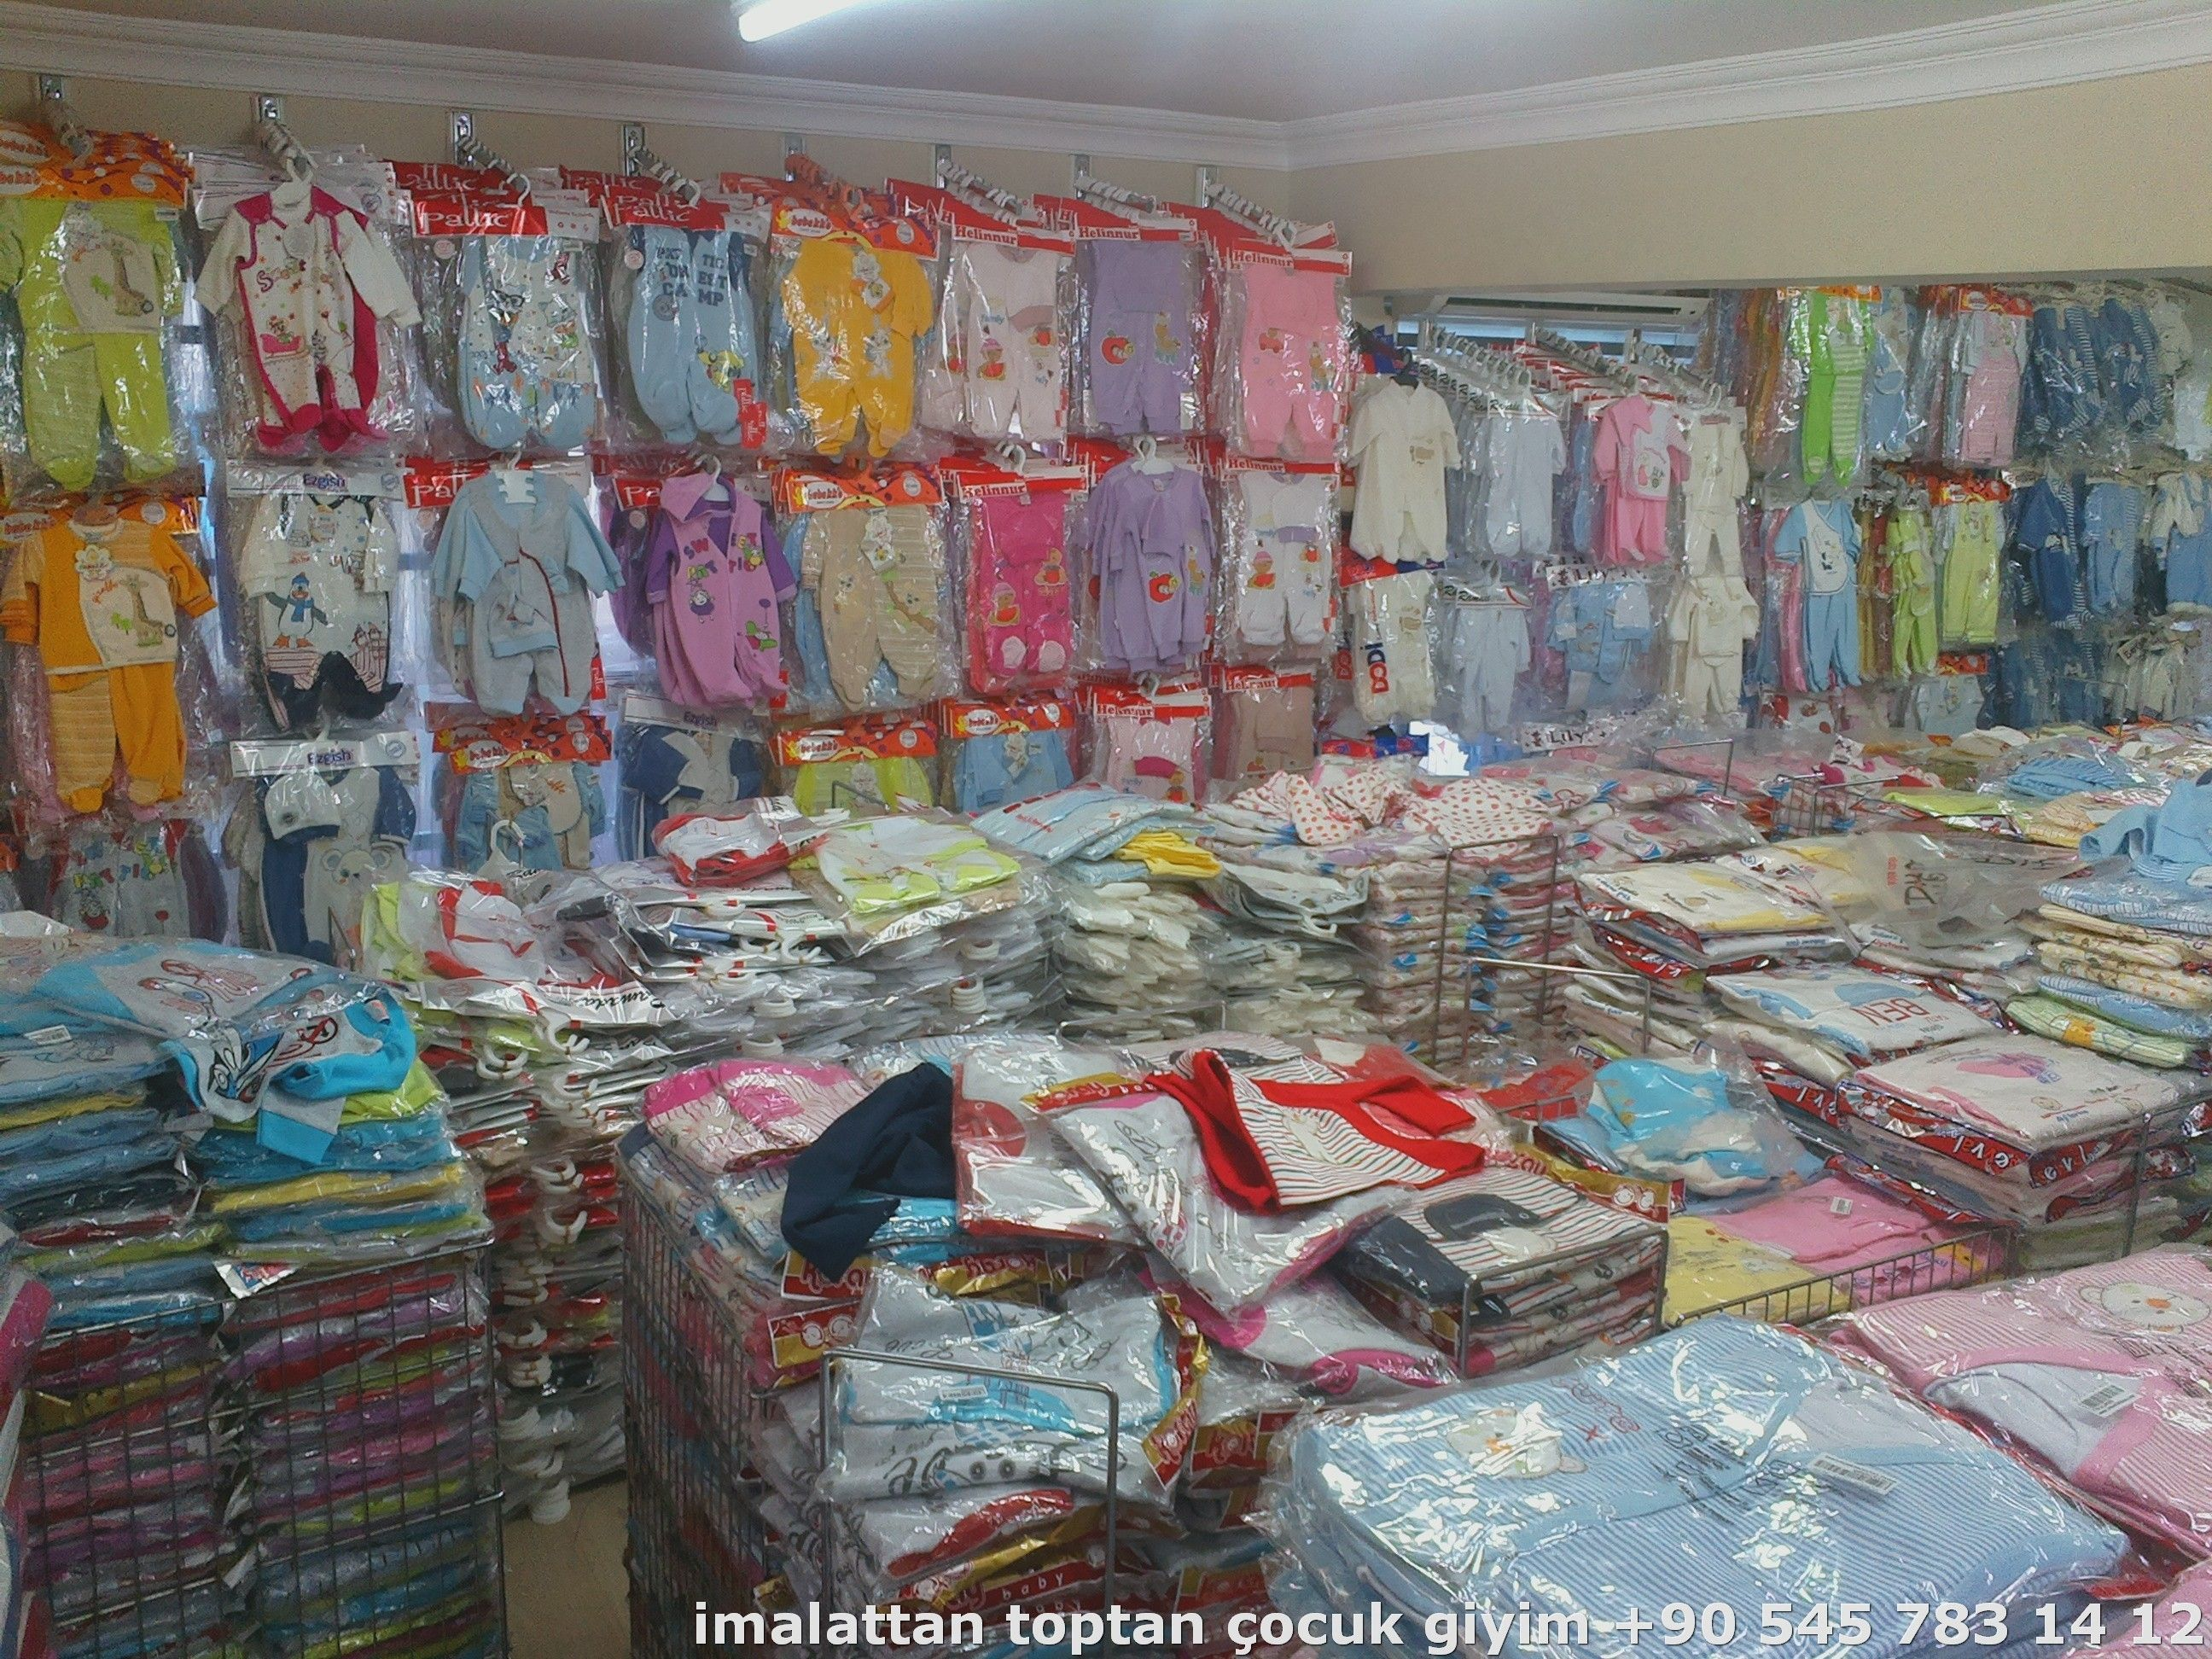 bebe elbiseleri her model ve her §eşit bebe giyim ürünleri toptan